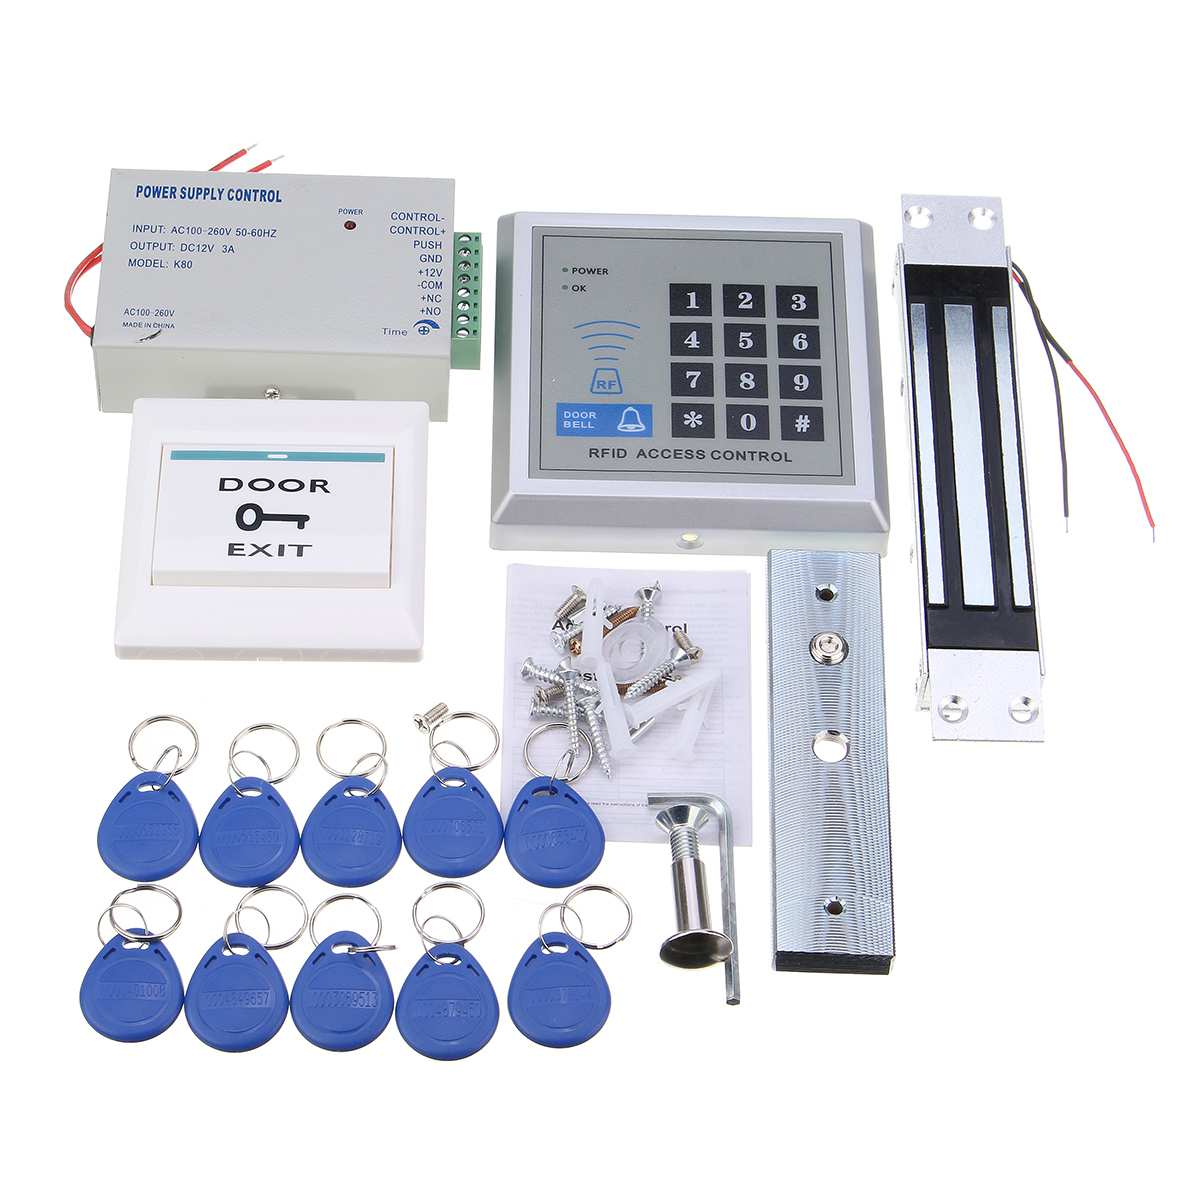 RFID biométrique d'empreintes digitales contrôle d'accès porte serrure système Kit ouvre-porte lecteur de carte clavier électrique magnétique